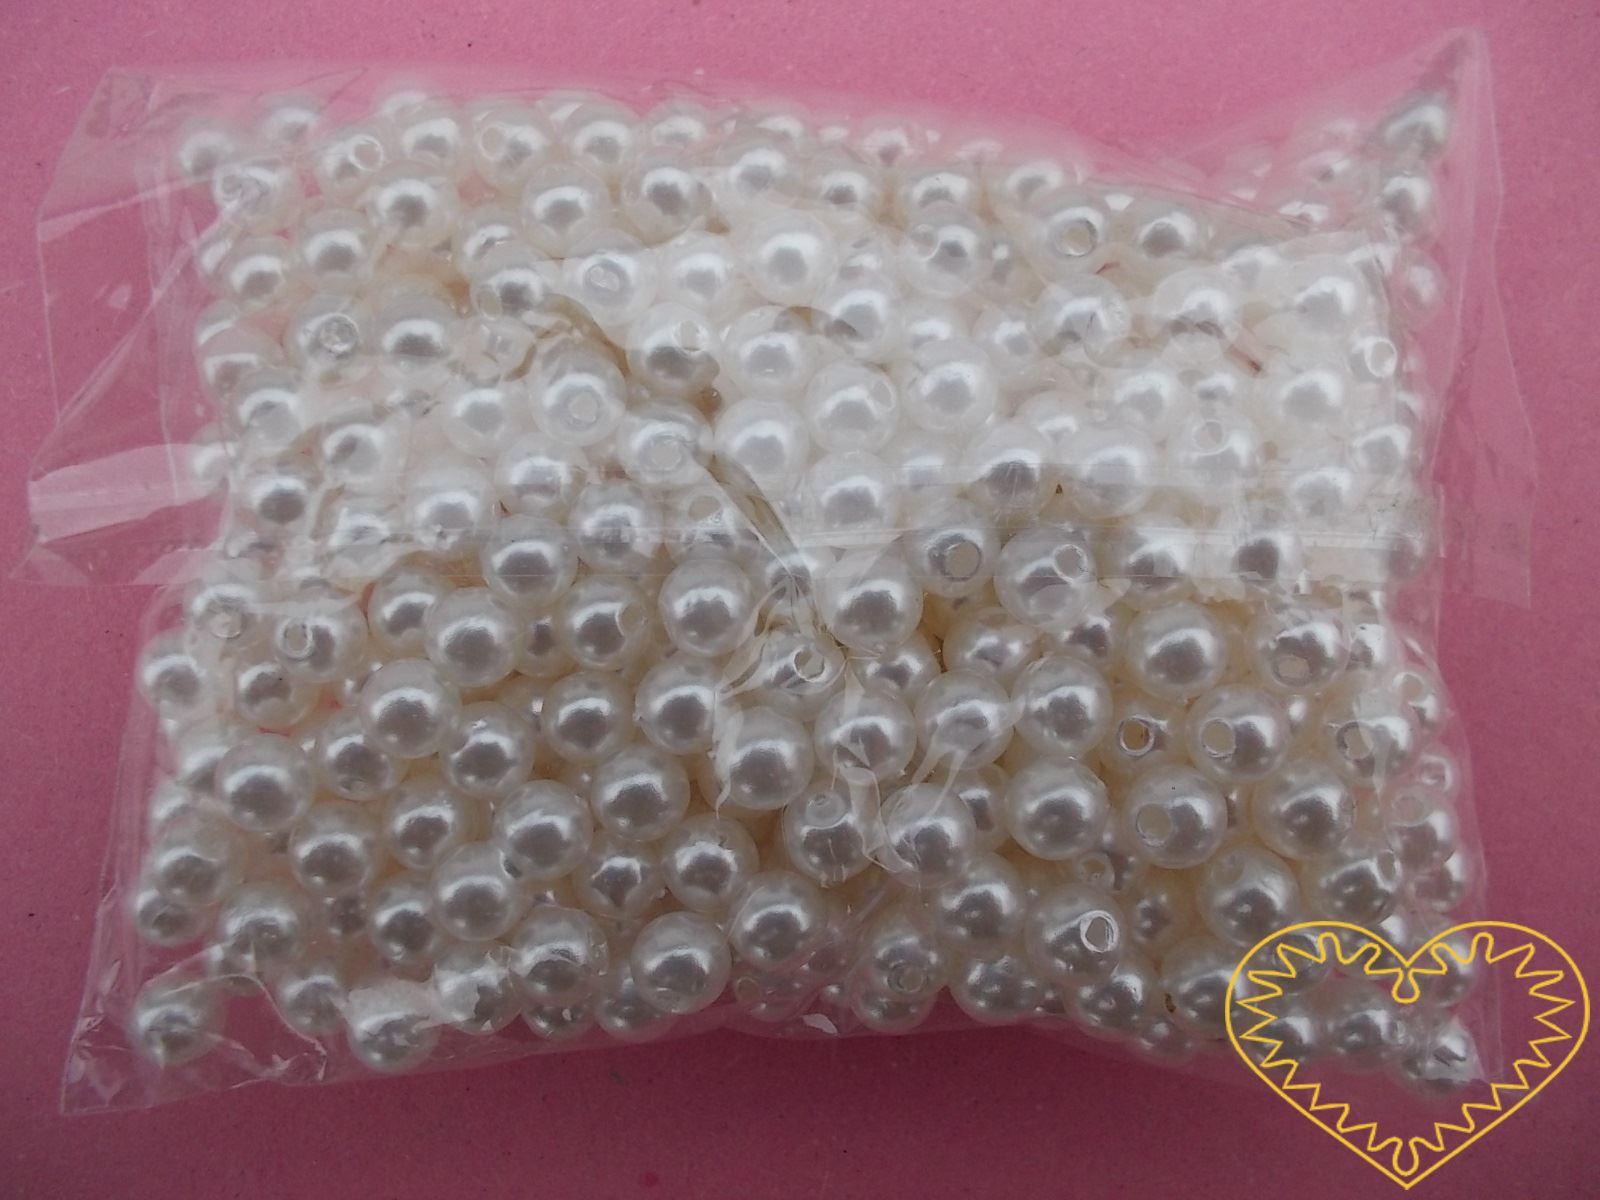 Bílé plastové perličky 6 mm - jedno balení má hmotnost 50 g. Korálky jsou vhodné pro tvoření s dětmi, pro výrobu bižuterie i dalších ozdob. Smetanové perličky se také hodí k svatebním dekoracím a do svatebních kytic.